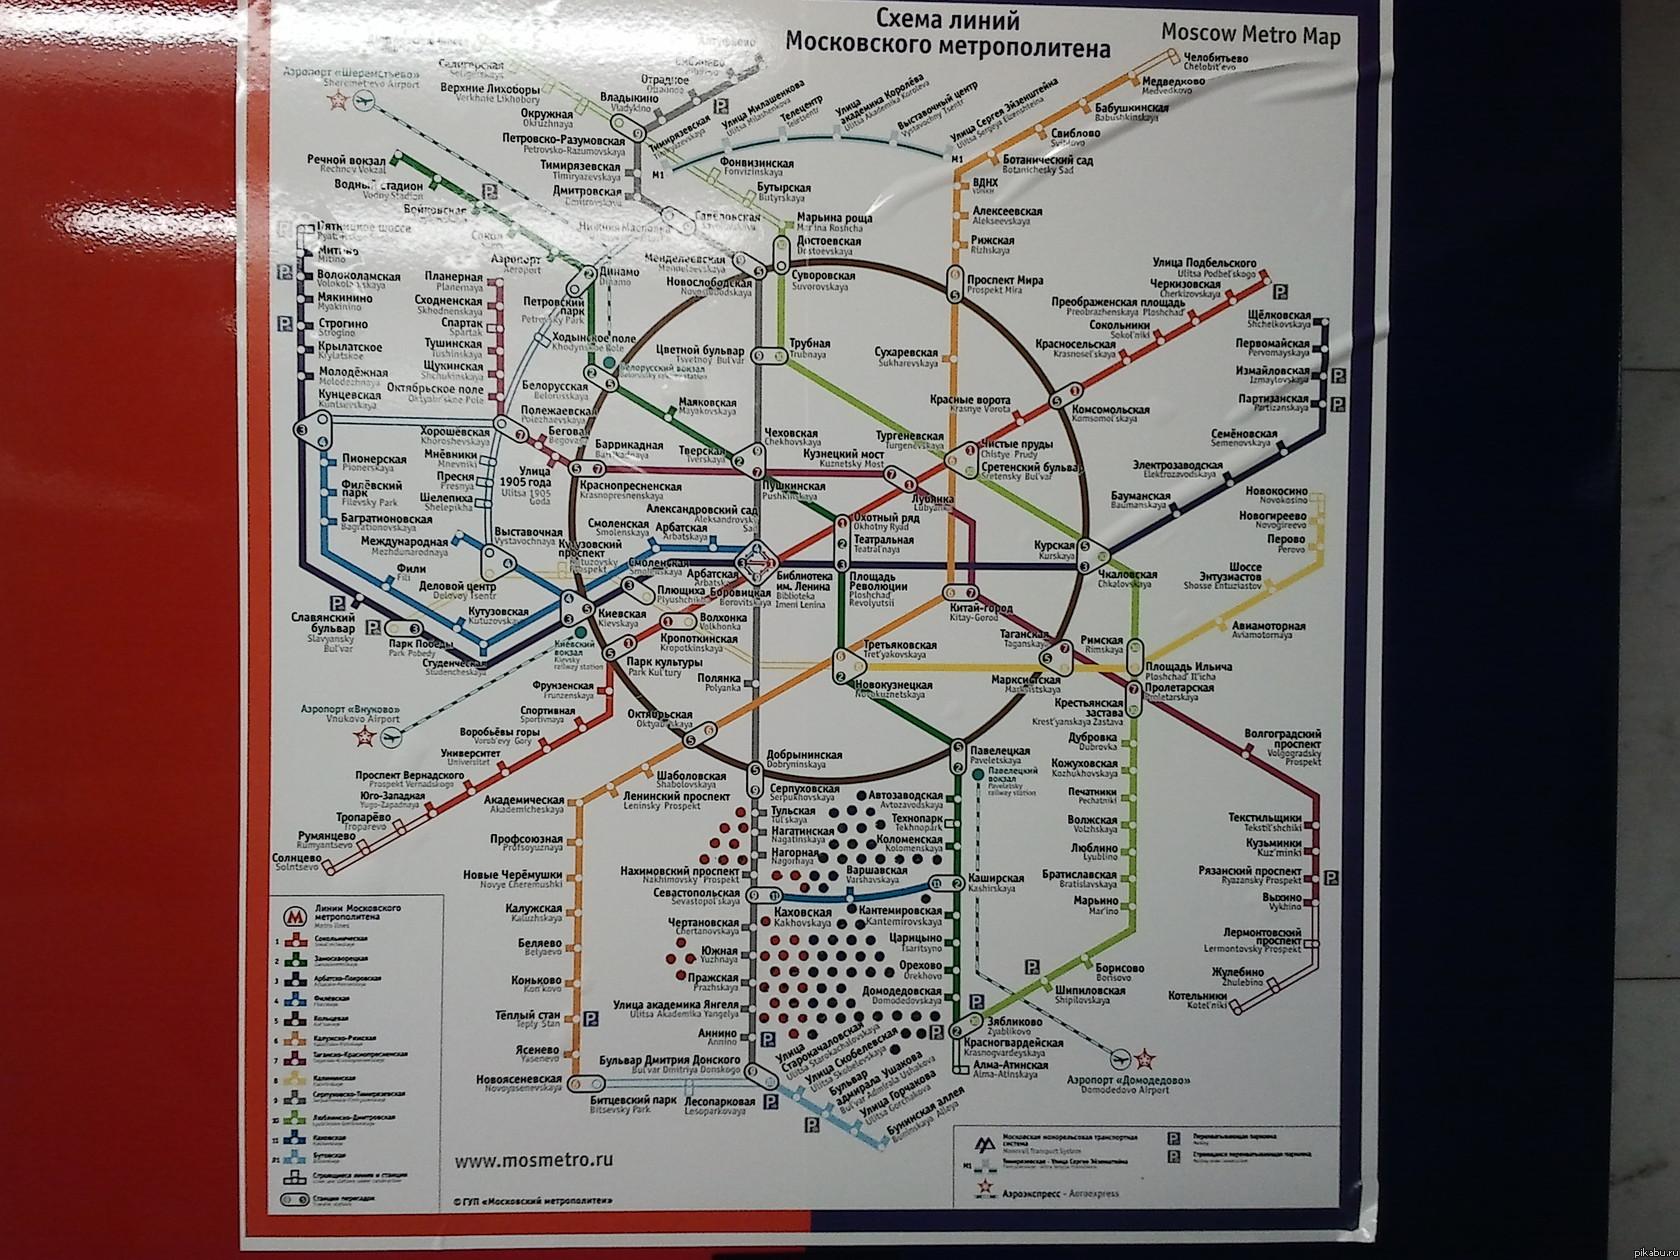 А вы уже видели новую схему Московского Метро? Сегодня в вагоне метро увидела свежую схему. Извините за качество. Появились очертания второго кольца. В коментах еще схема метро 2100